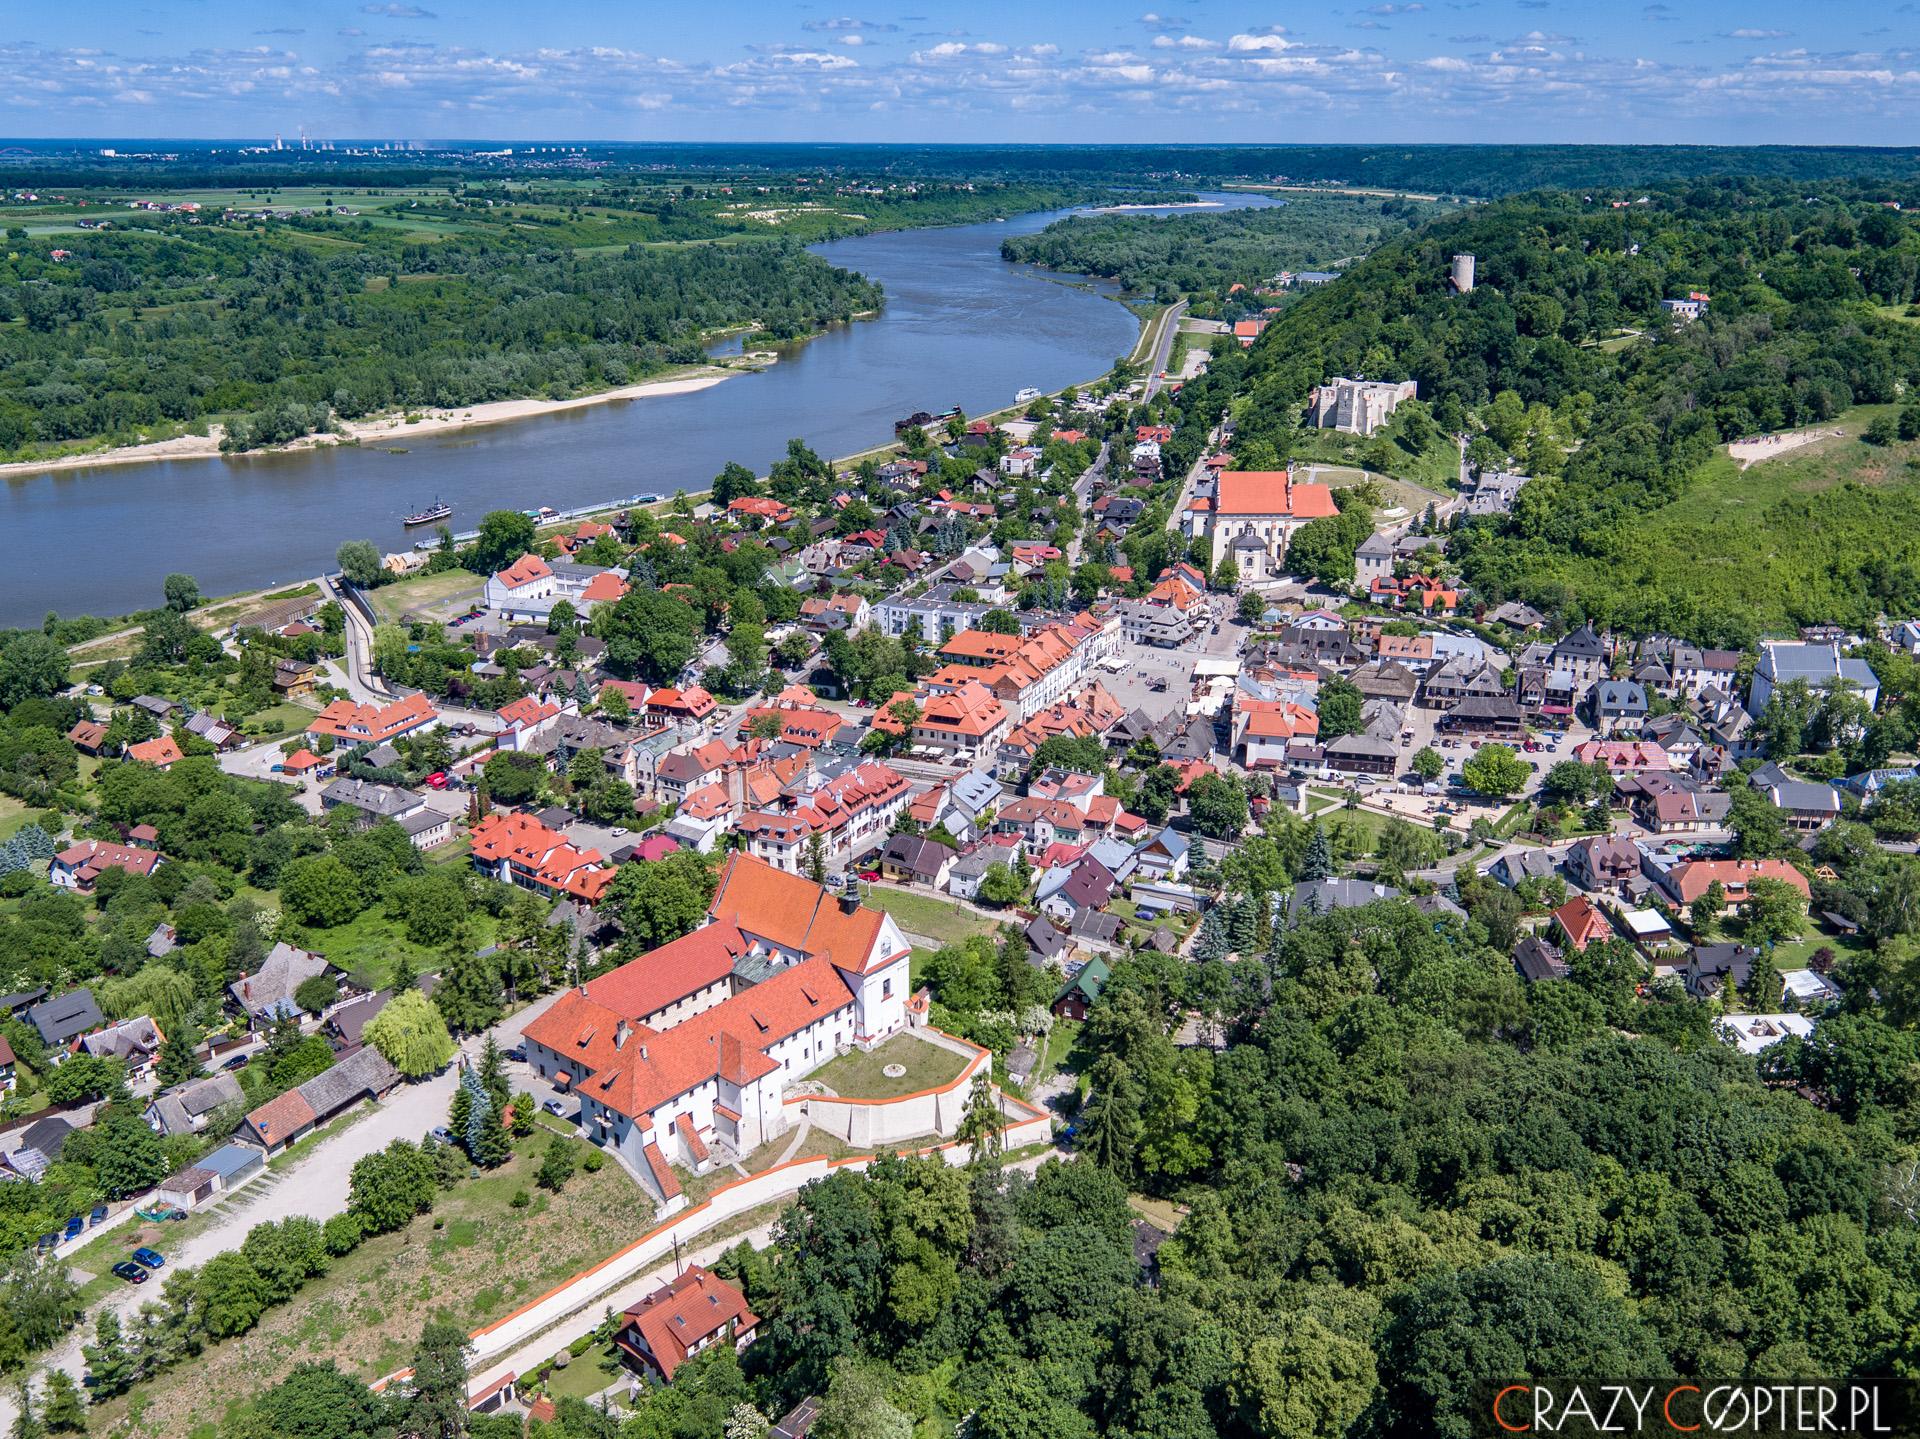 Zdjęcia zdrona: Kazimierz Dolny nadWisłą.